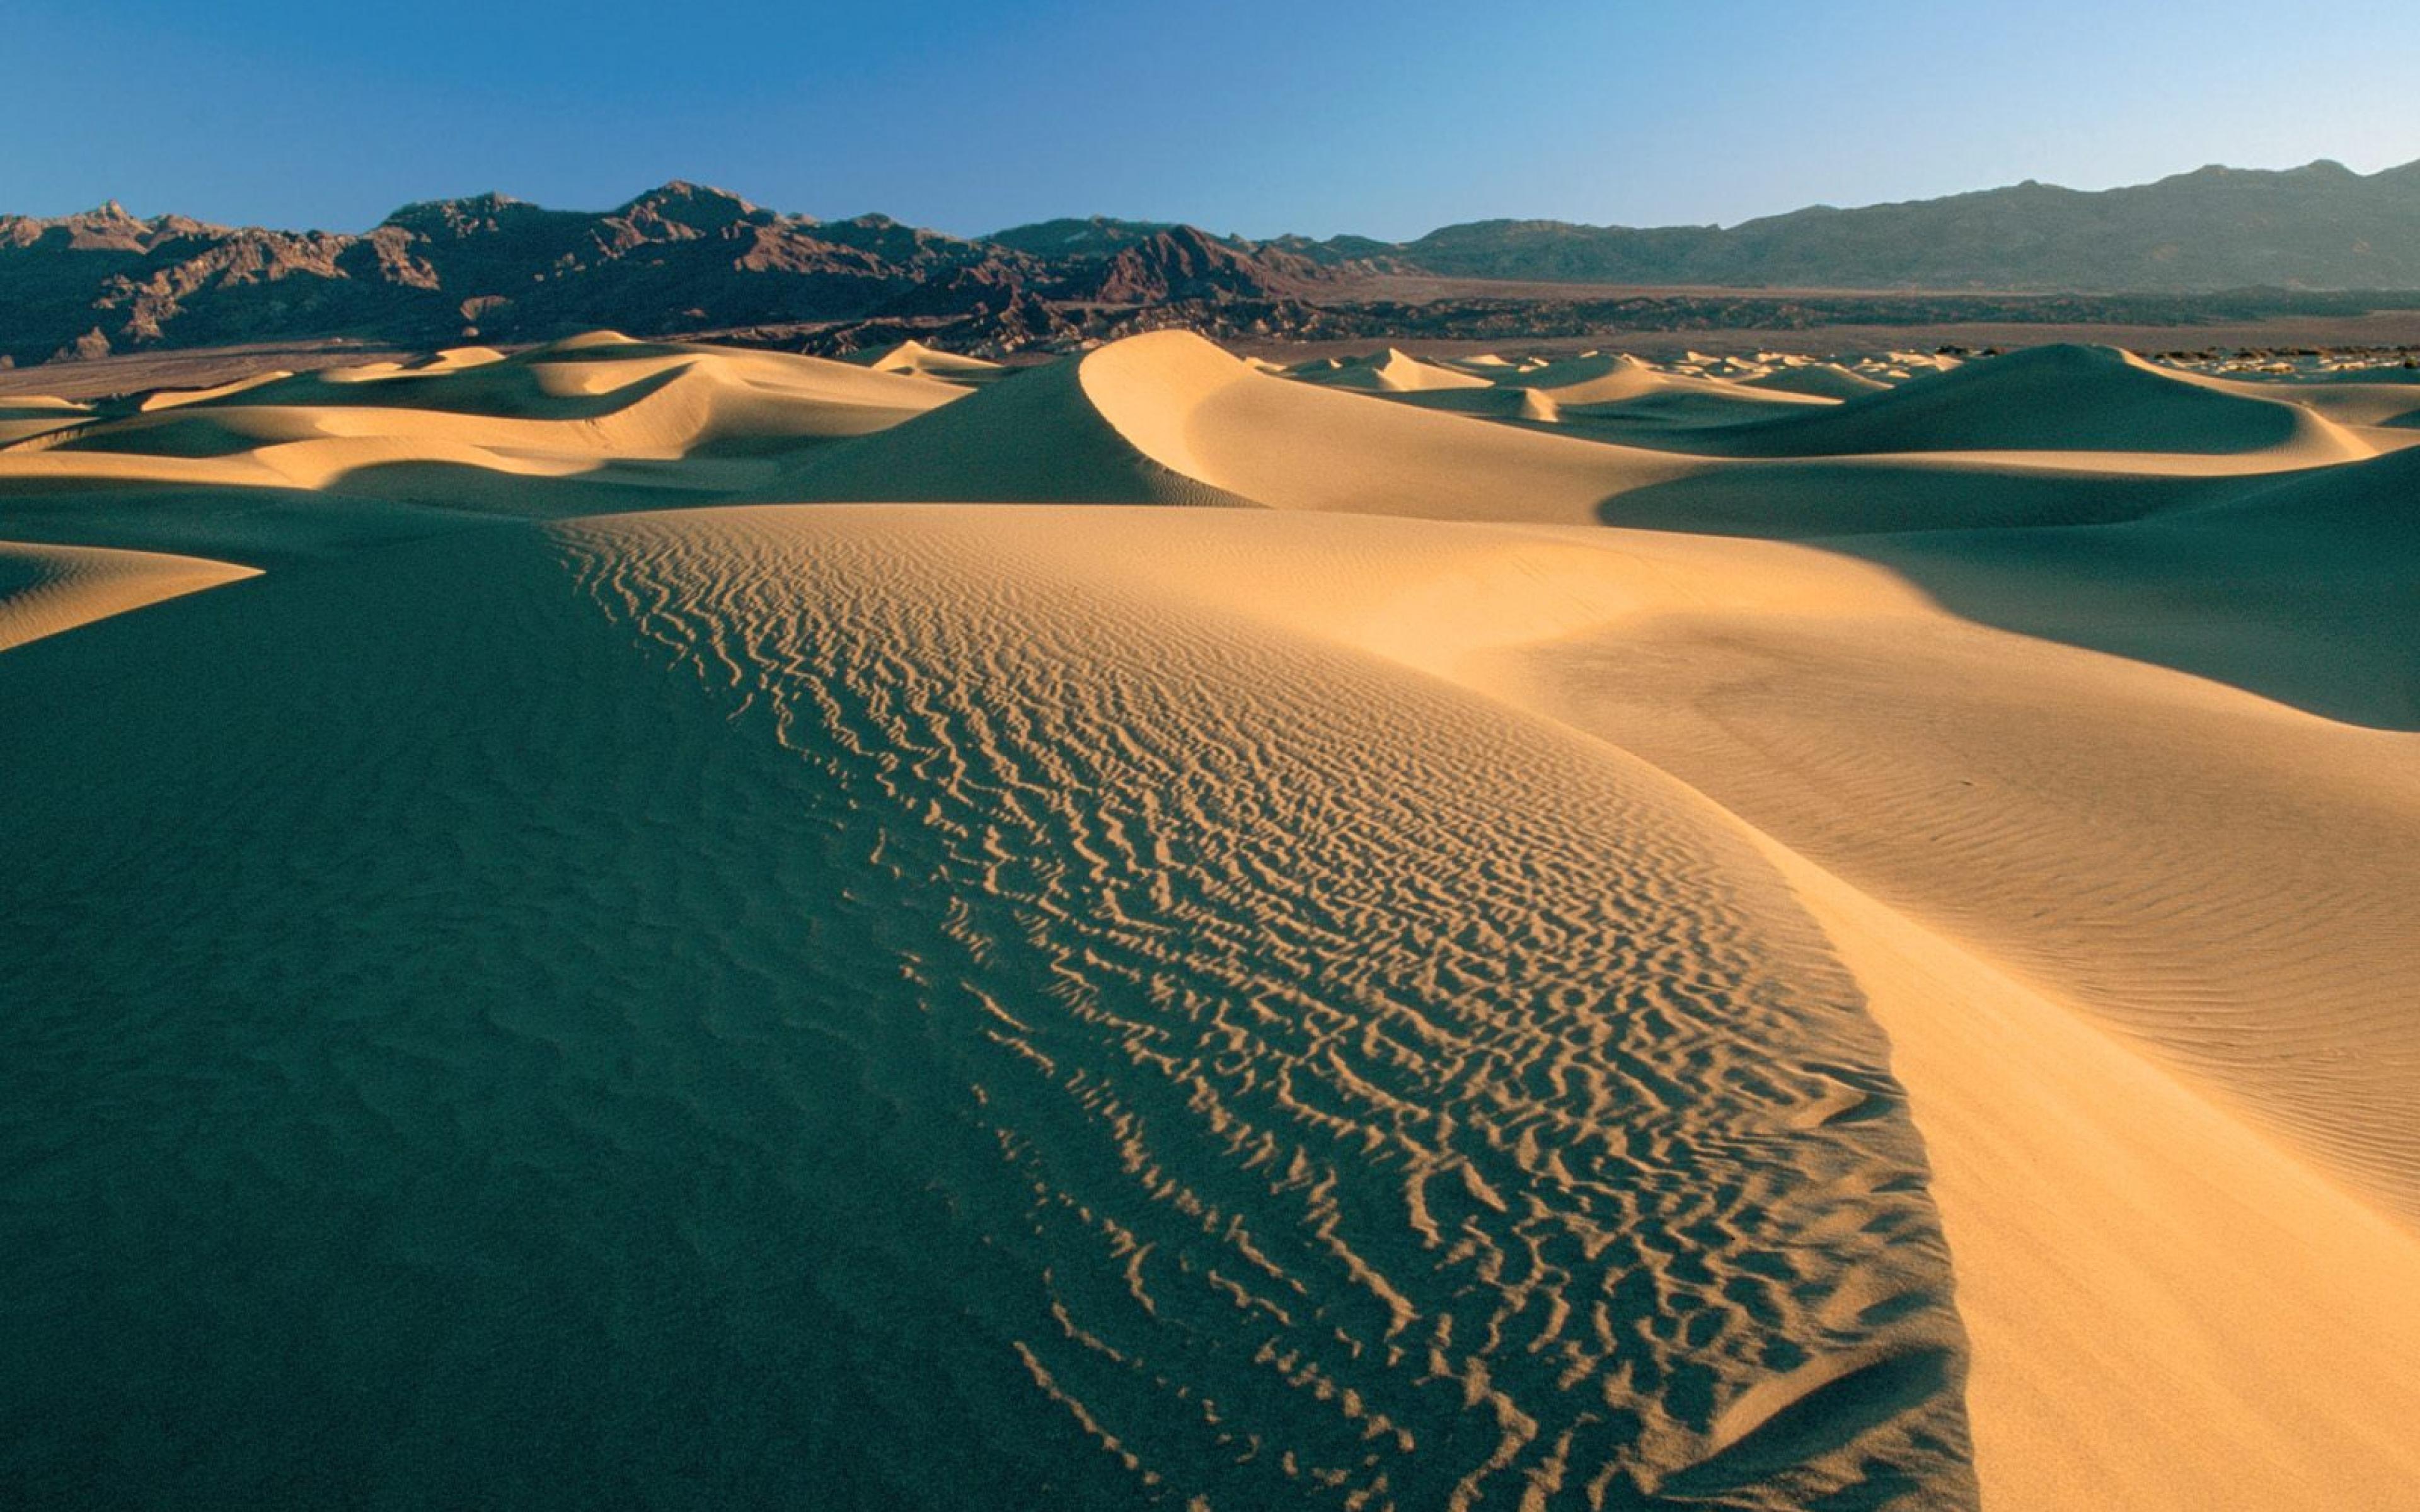 Sahara clipart desert sunset #15